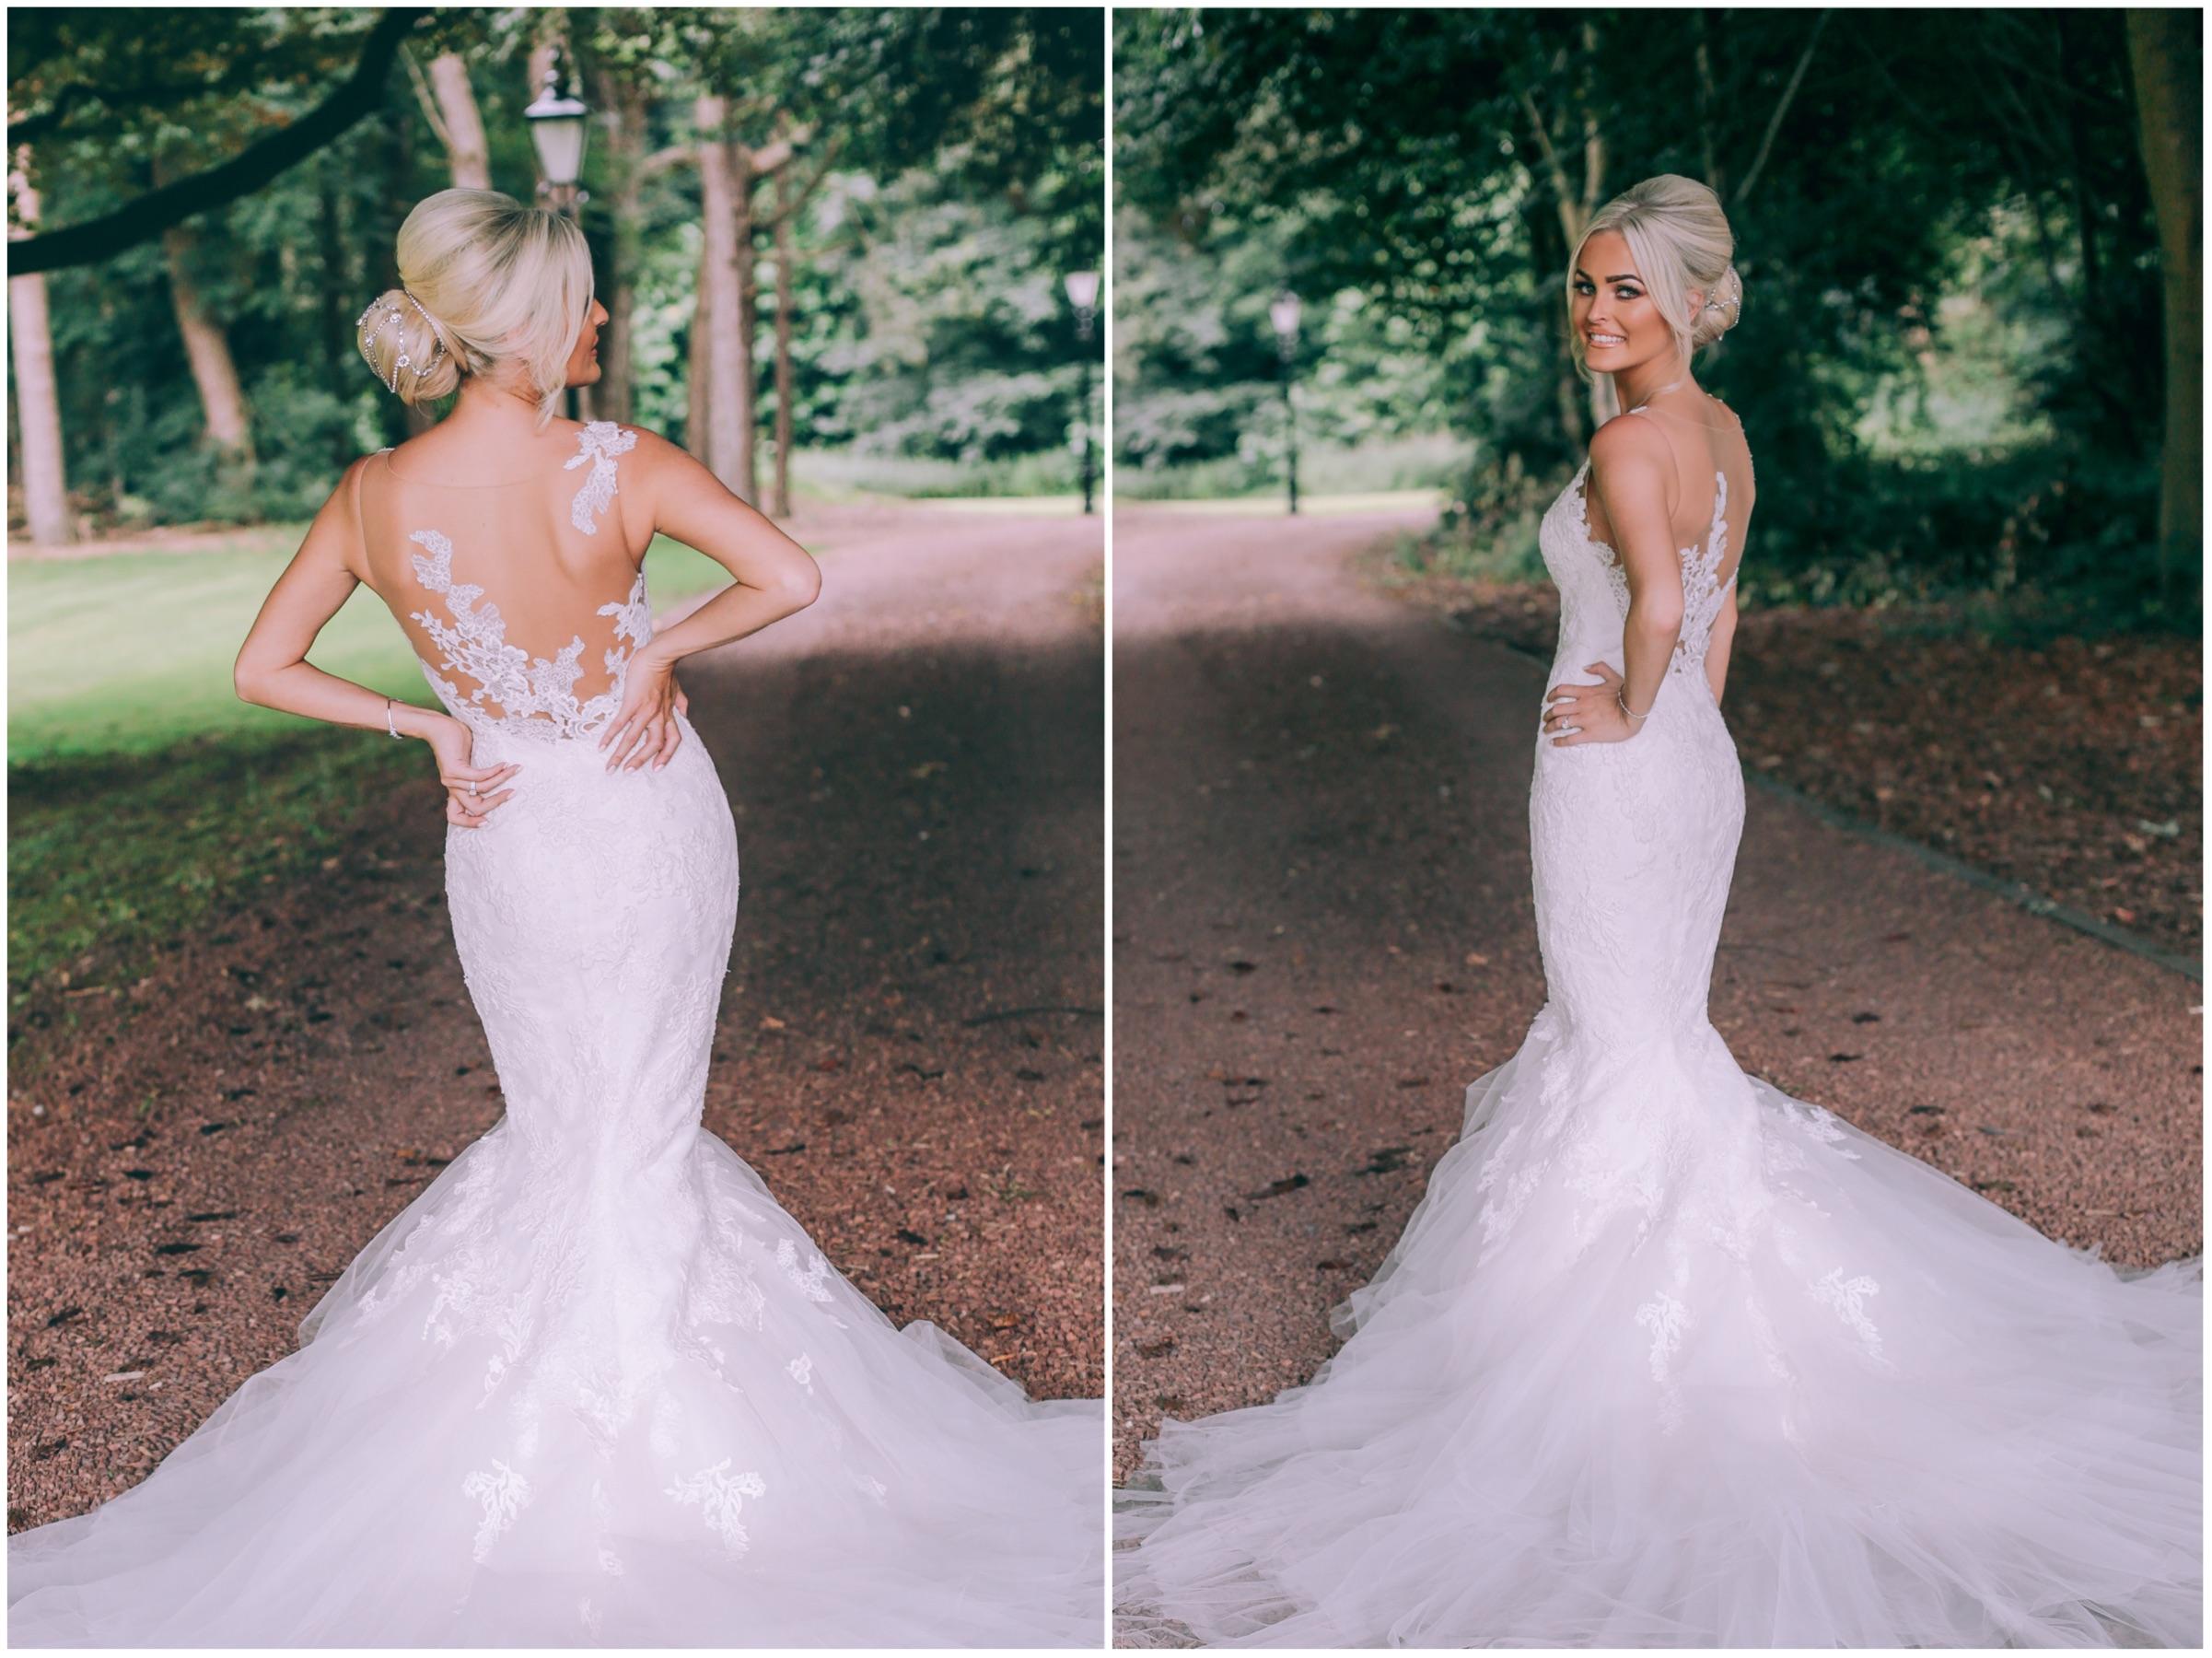 Bride in mermaid wedding dress